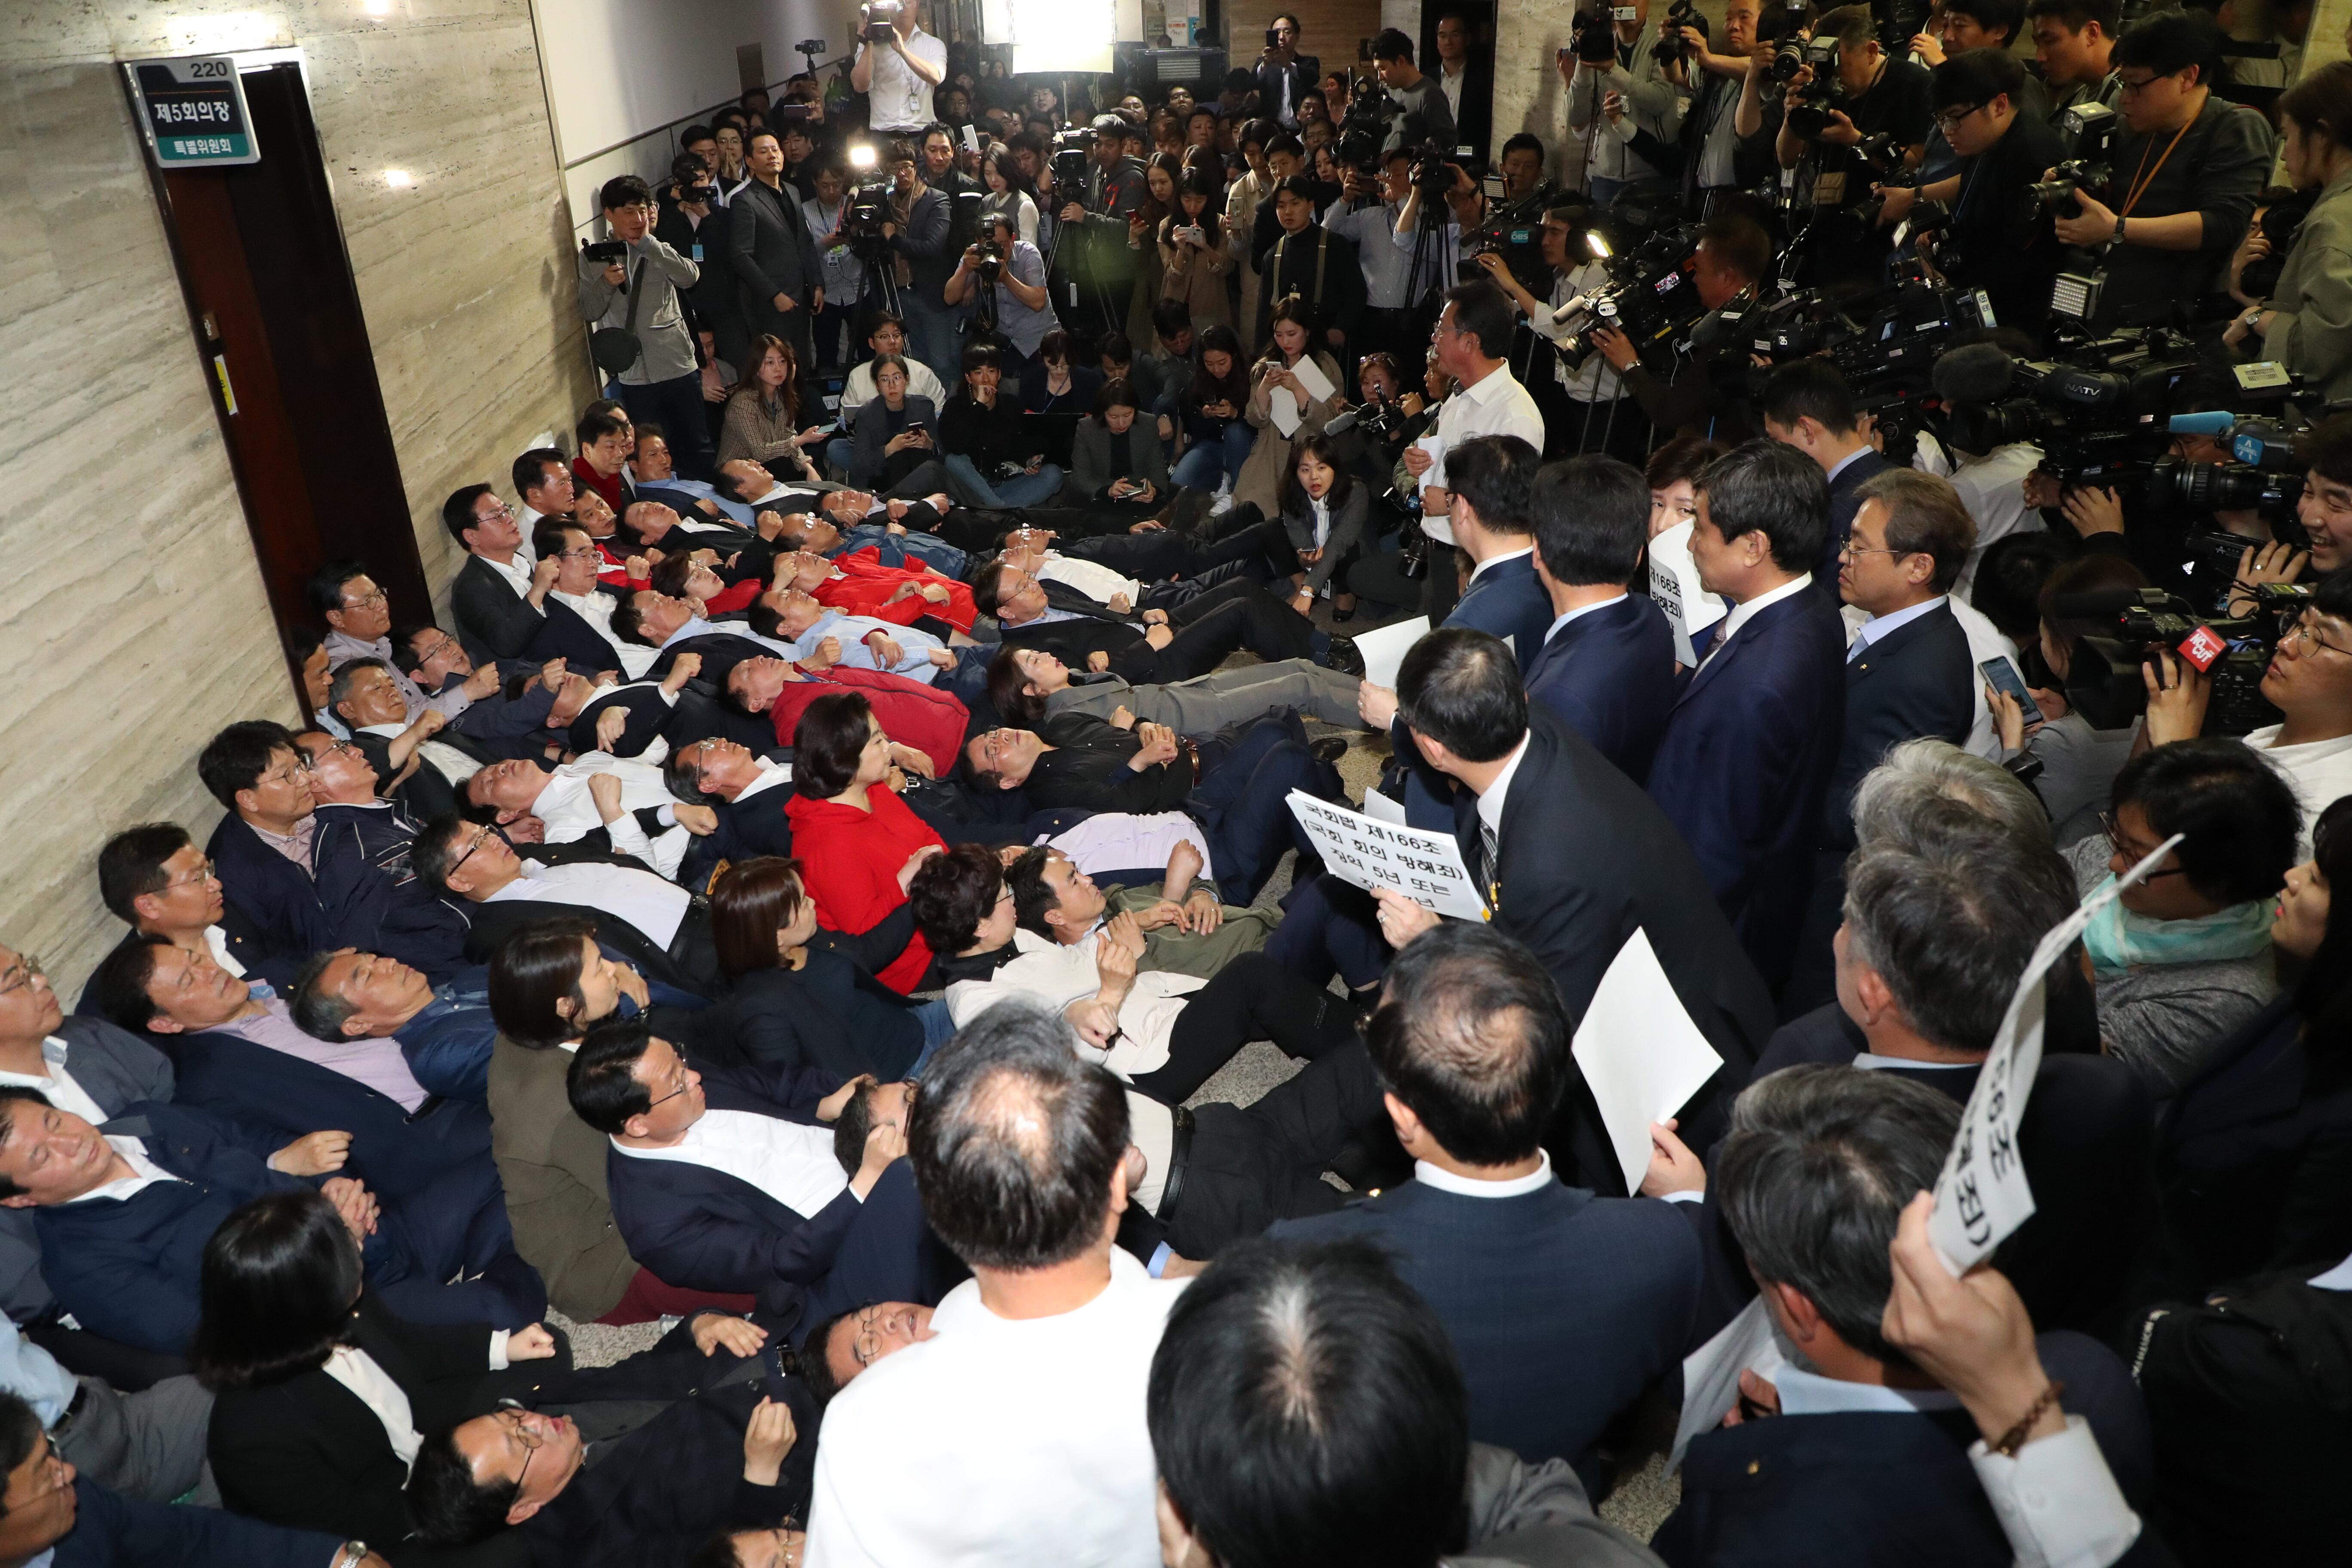 자유한국당 의원 및 당직자들이 26일 사법개혁특위가 열리는 국회 회의실 앞을 점거하며 이상민 위원장 등 참석자들의 진입을 막고